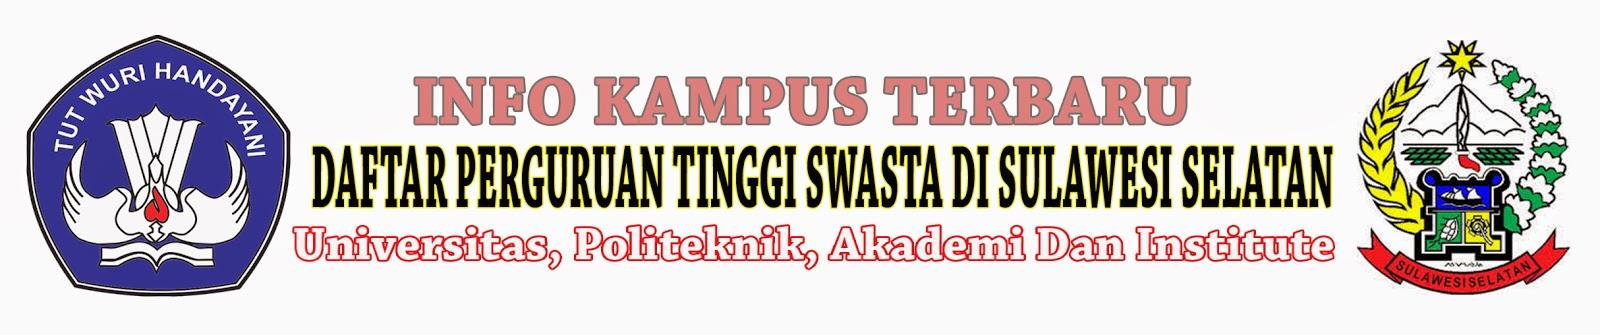 Daftar Perguruan Tinggi Swasta Di Sulawesi Selatan